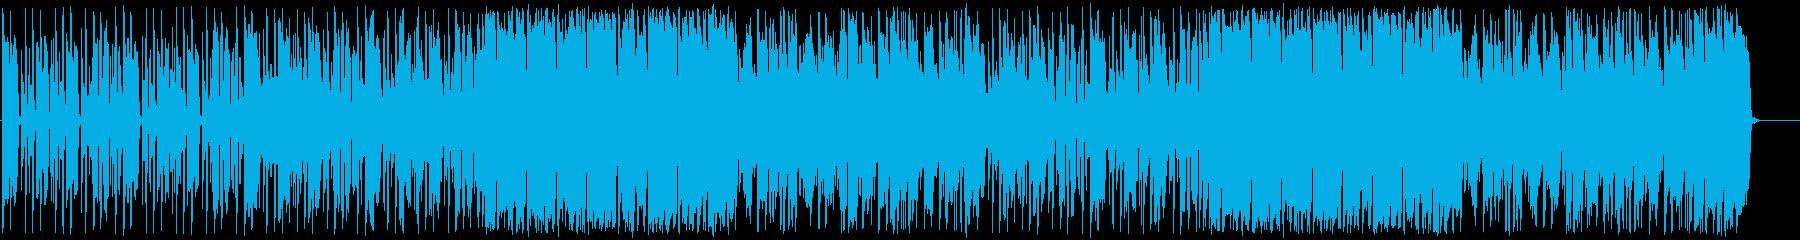 レゲエ調ロック スウィングの再生済みの波形